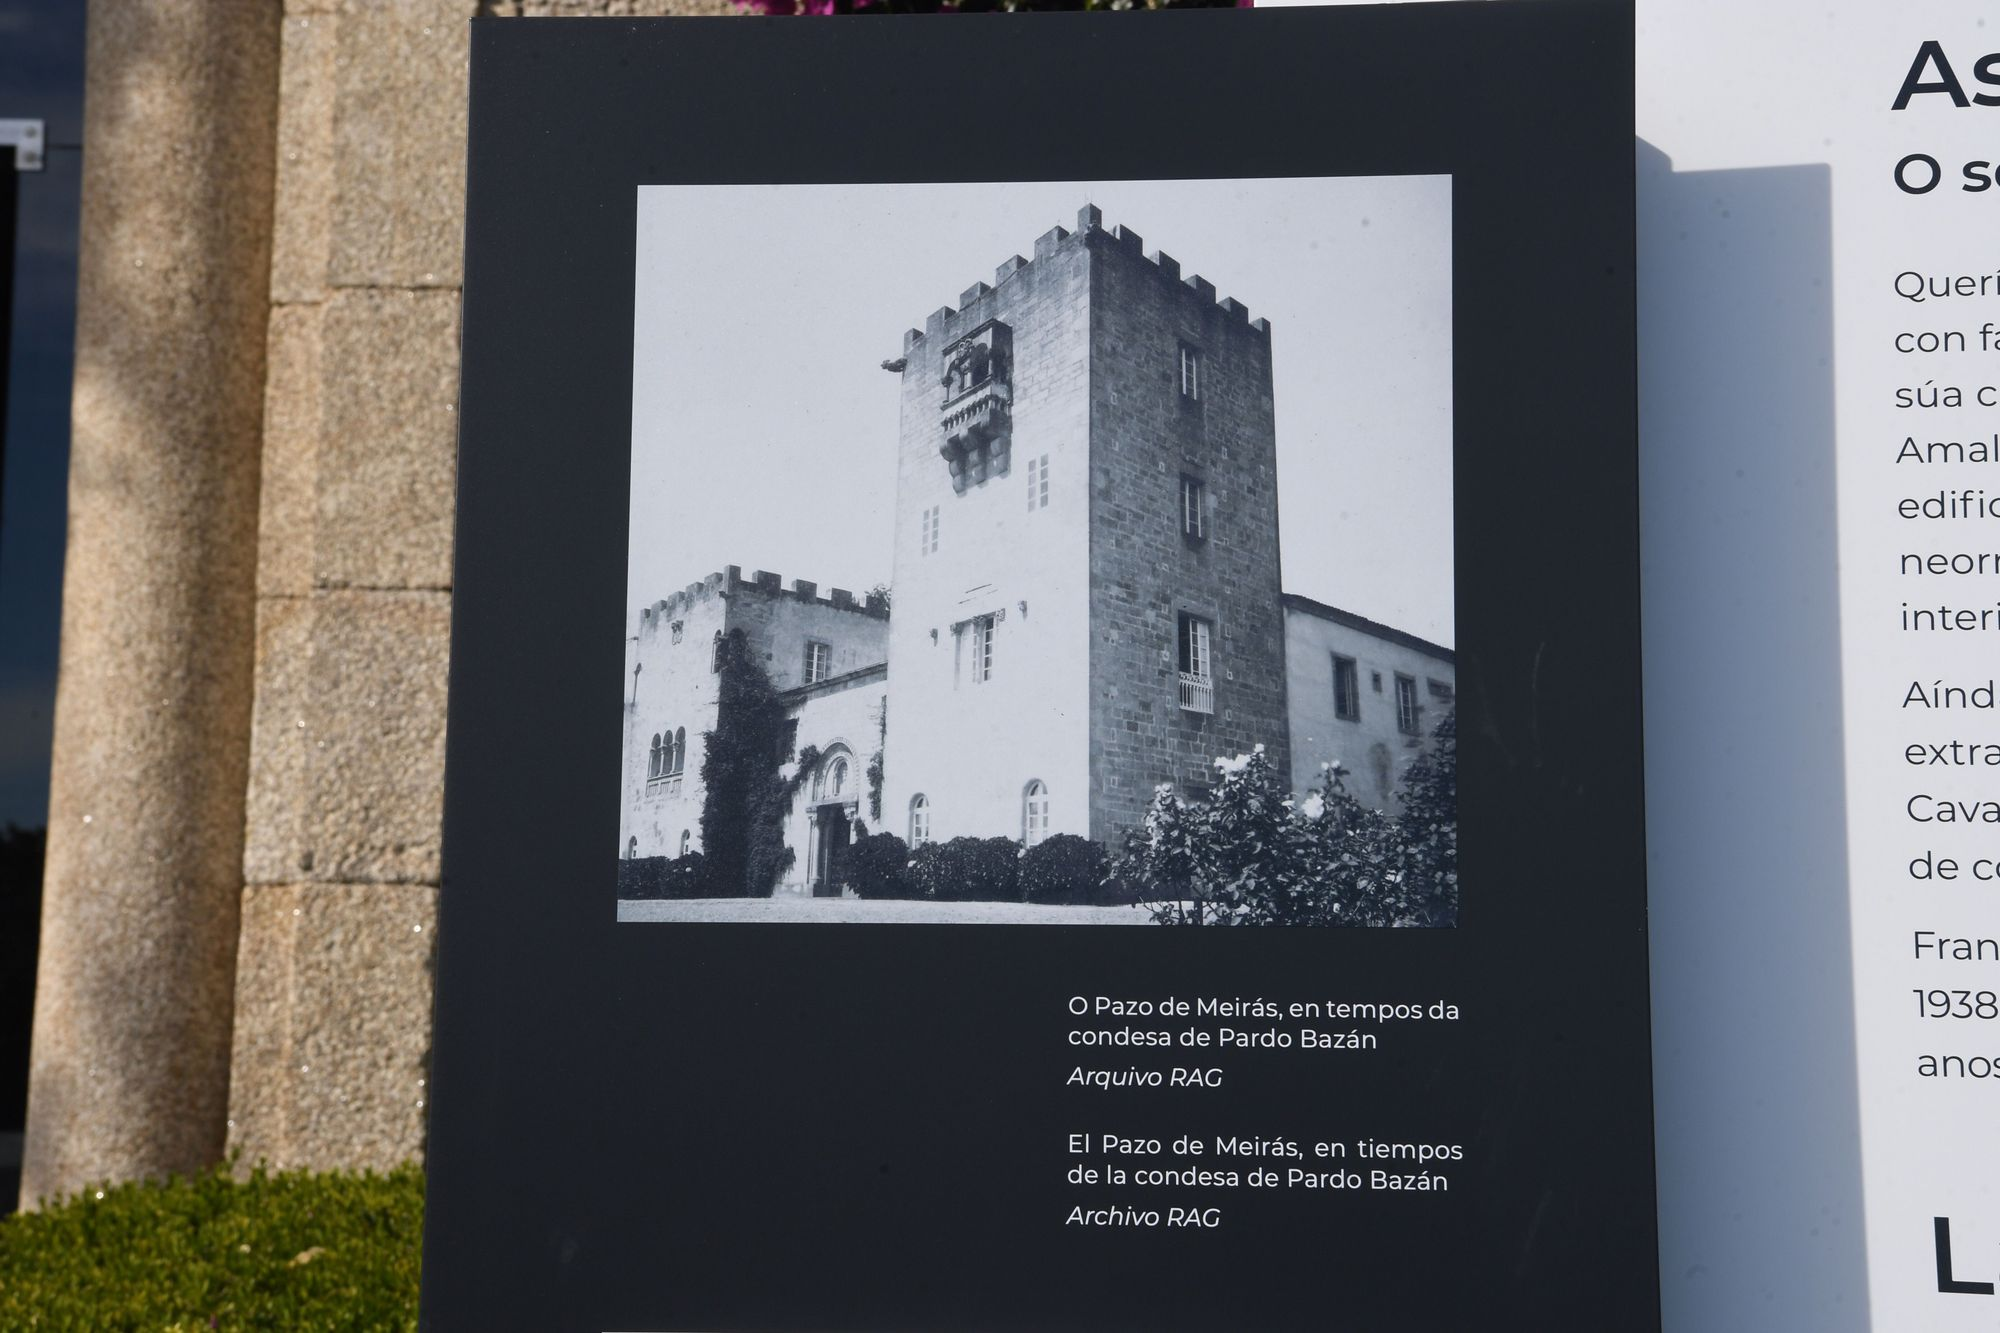 Homenaje del Estado en Meirás a los represaliados del franquismo